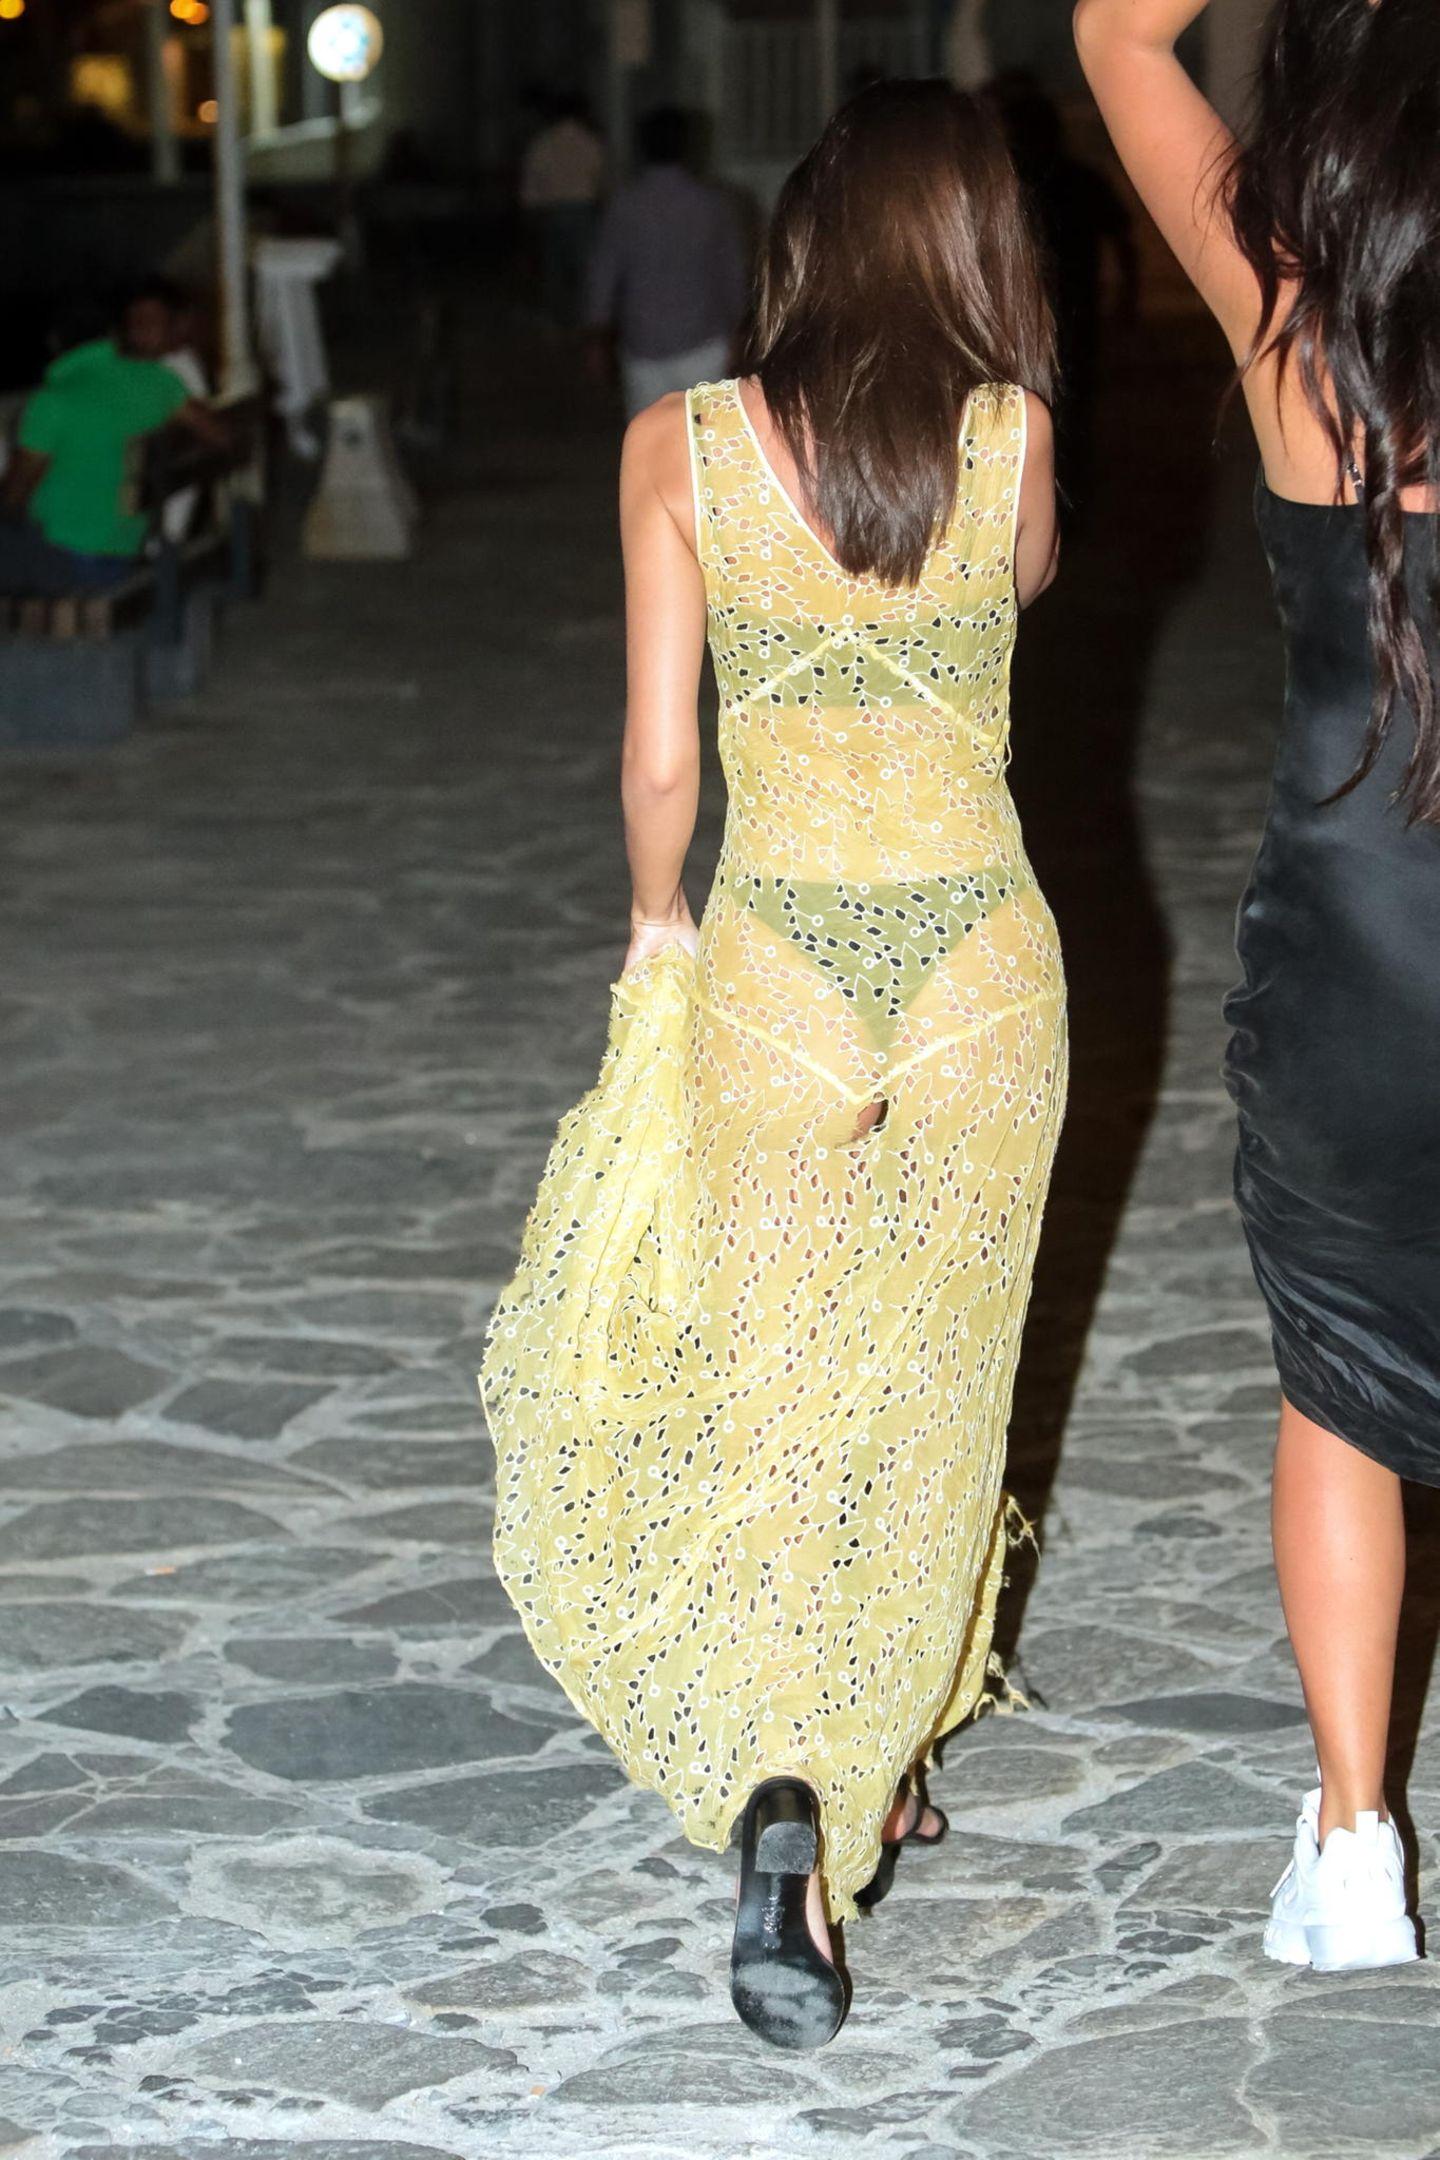 Dass Emily gerne ihre tollen Kurven präsentiert ist nichts Neues - in diesem Kleid könnte jedoch selbst für ihren Geschmack etwas zu viel zu sehen sein...